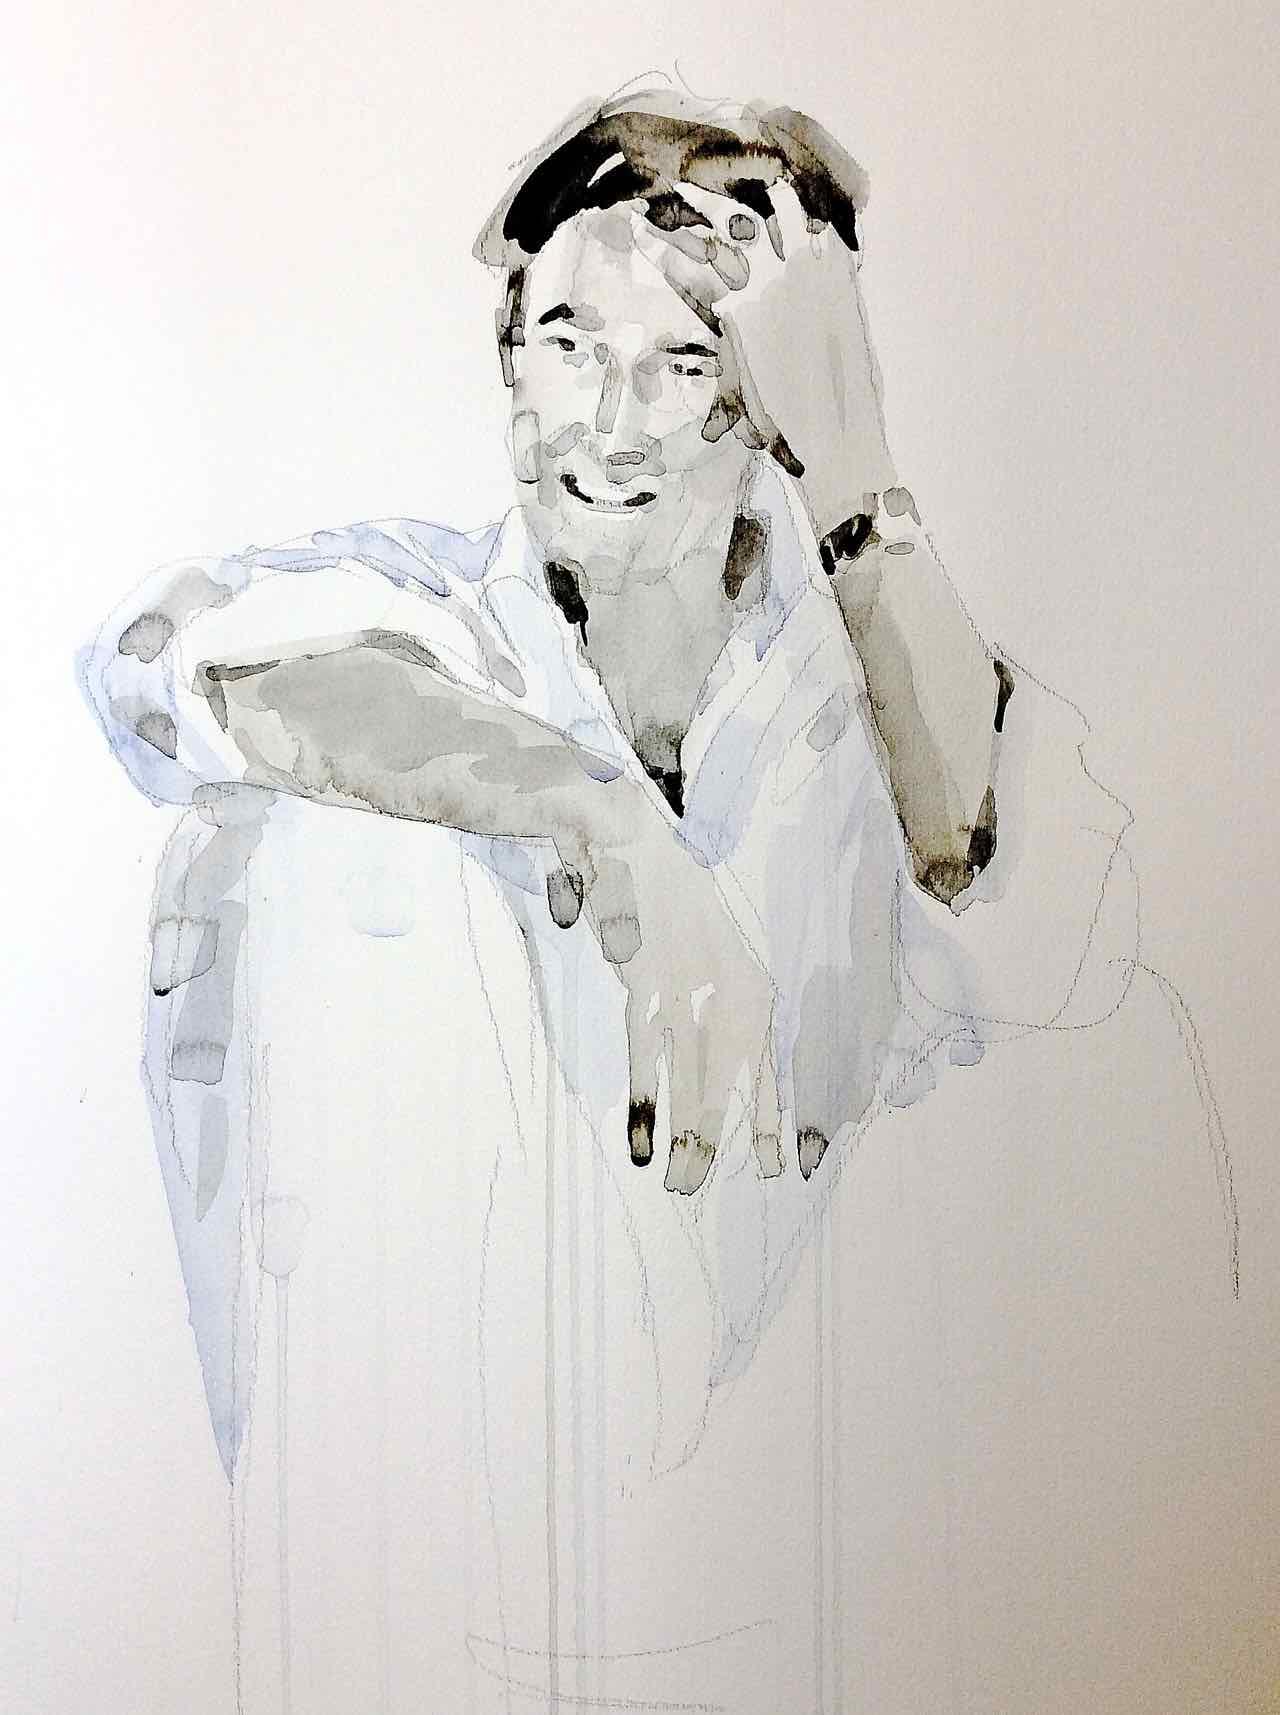 Watercolor invito pitti 2015